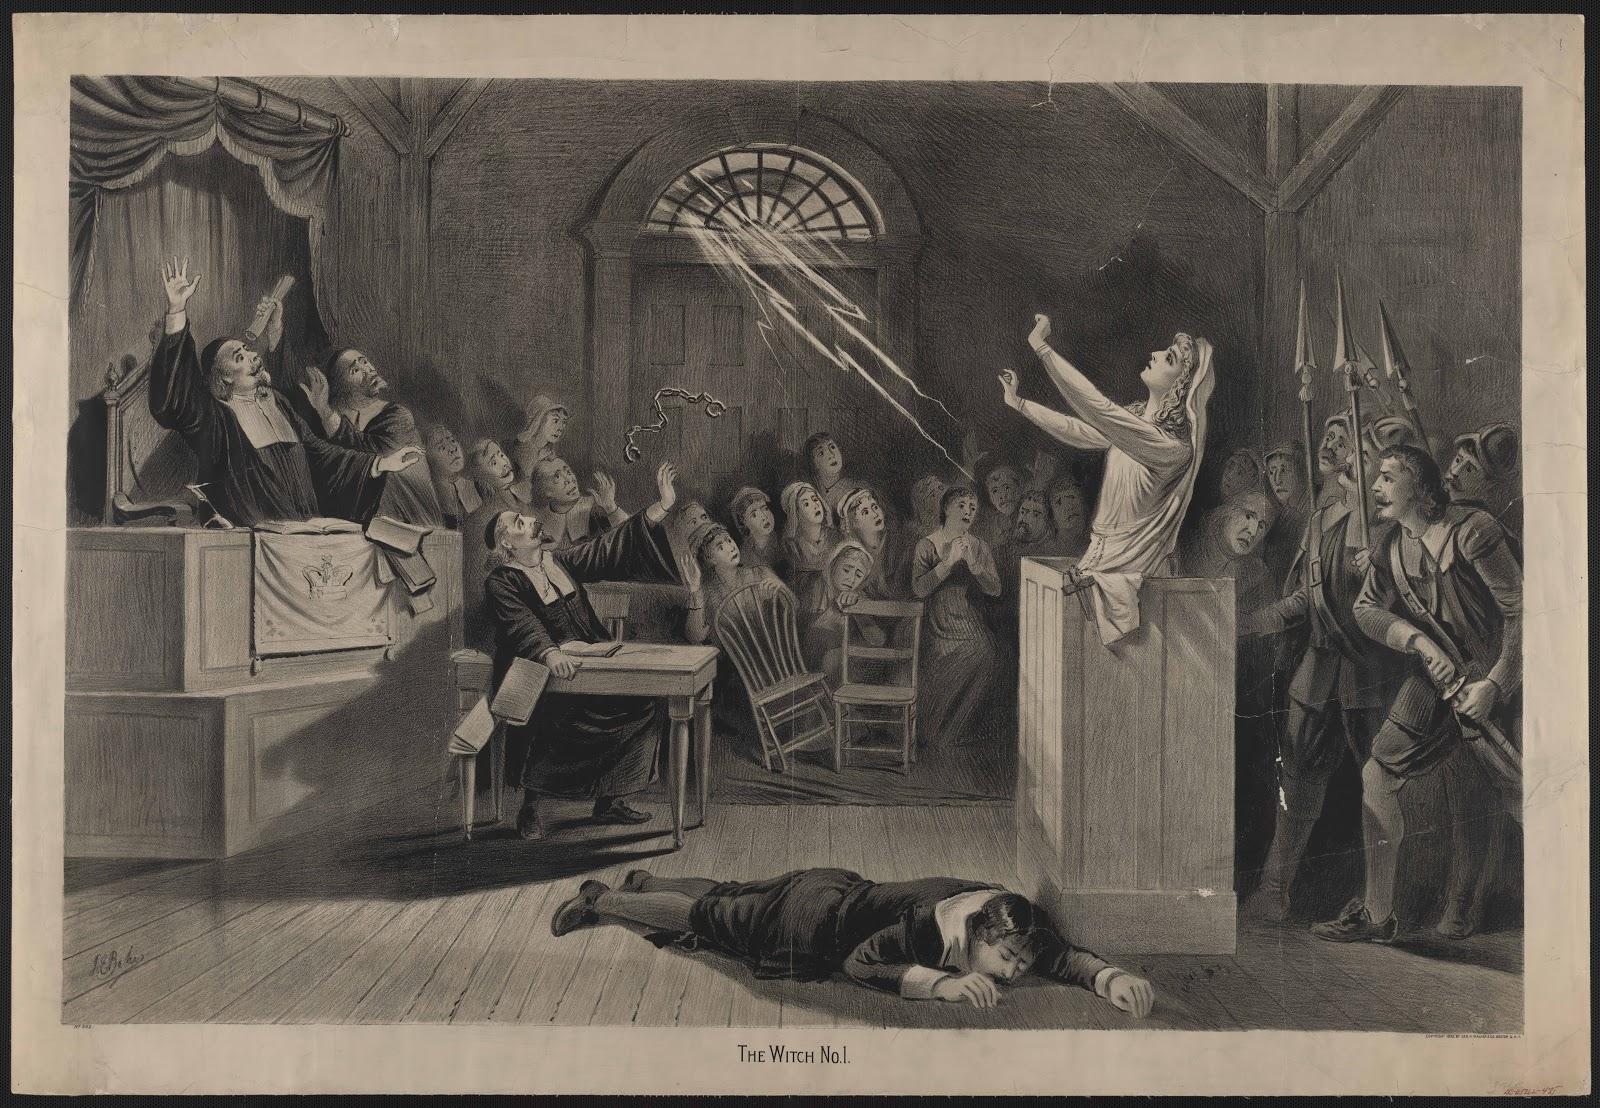 セイラム魔女裁判で被告の女性が人々に囲まれて魔術のようなものを発している